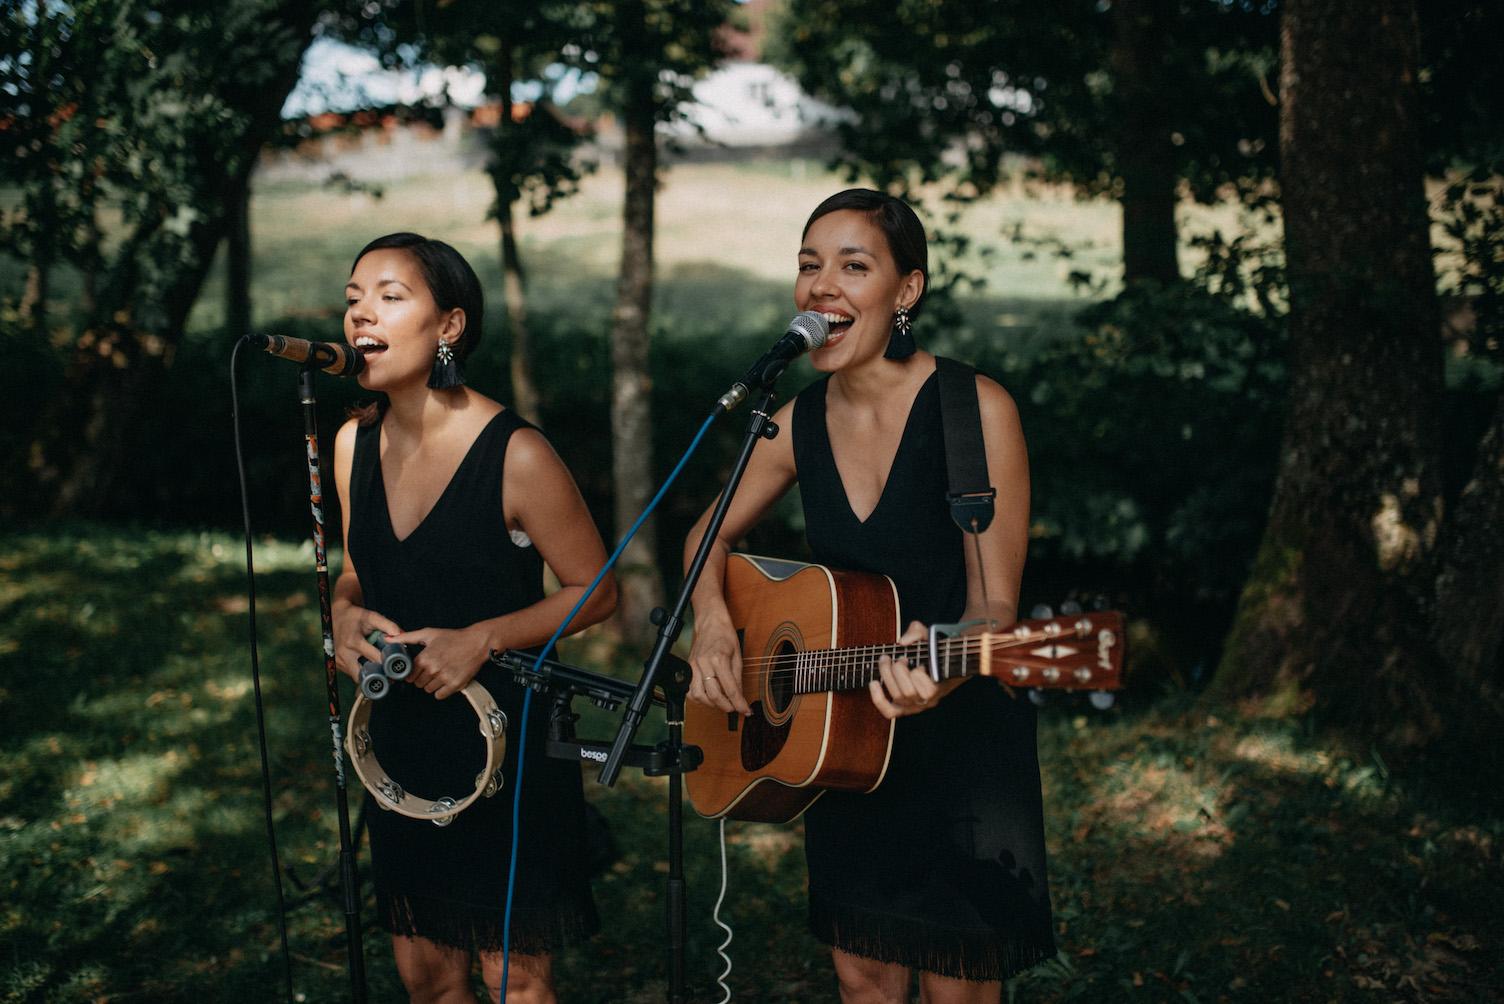 PRVNÍ POMOC: Hudba na svatbu